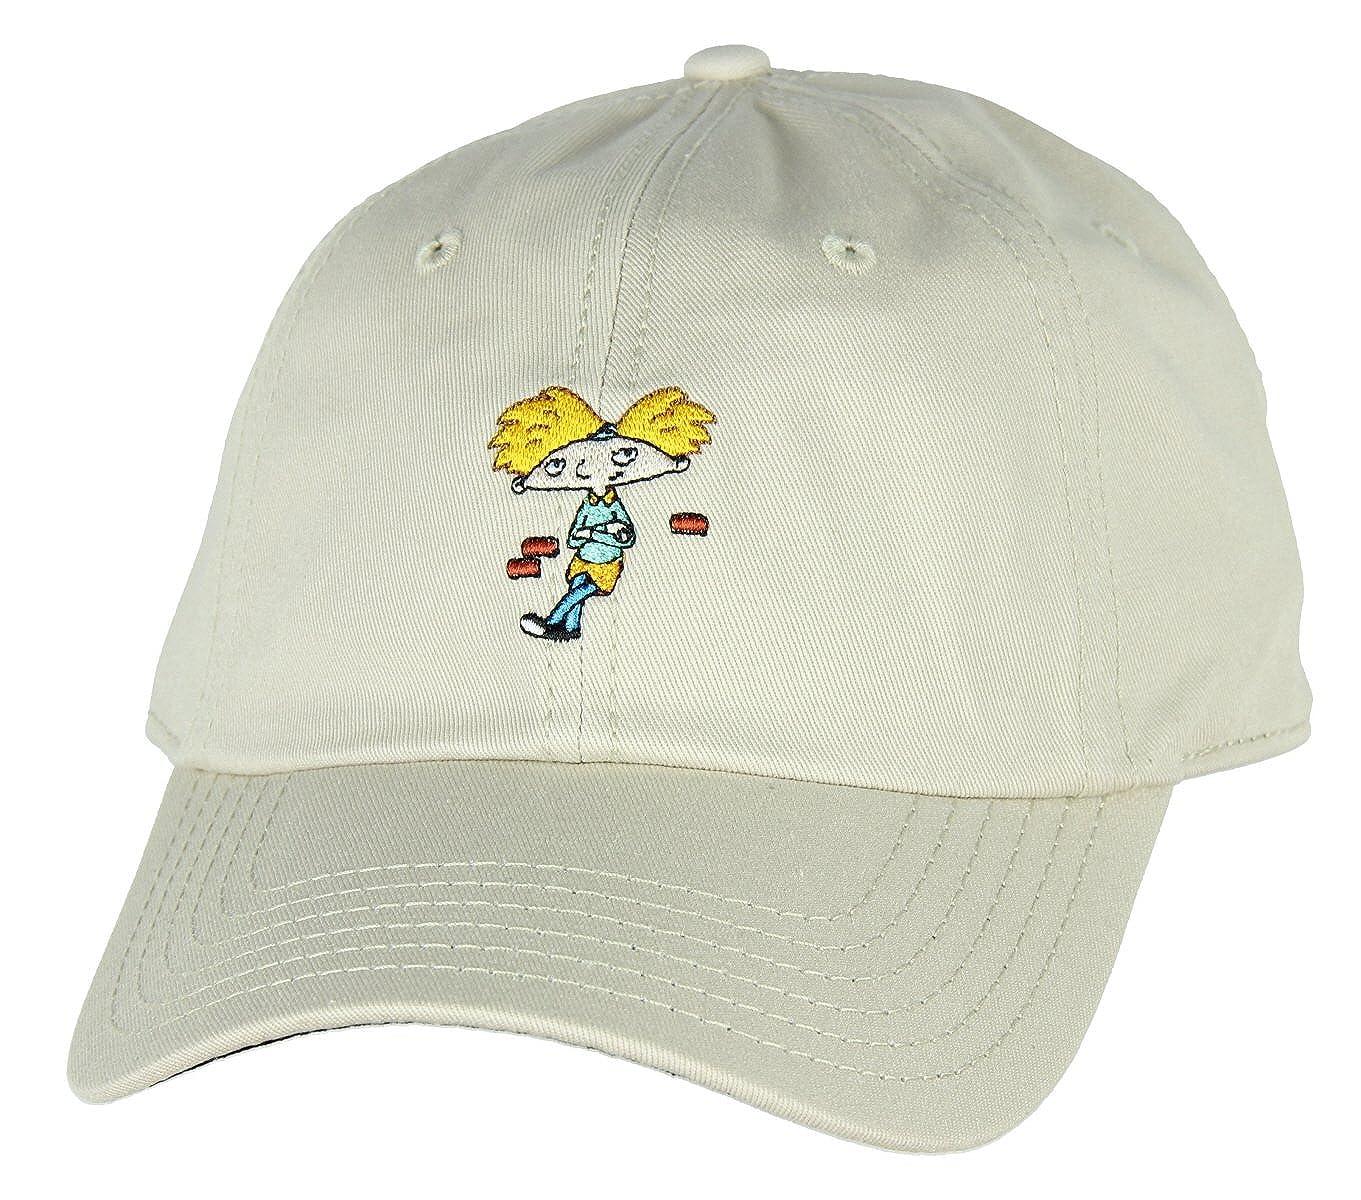 Nickelodeon Hey Arnold! Adjustable Hat Cap